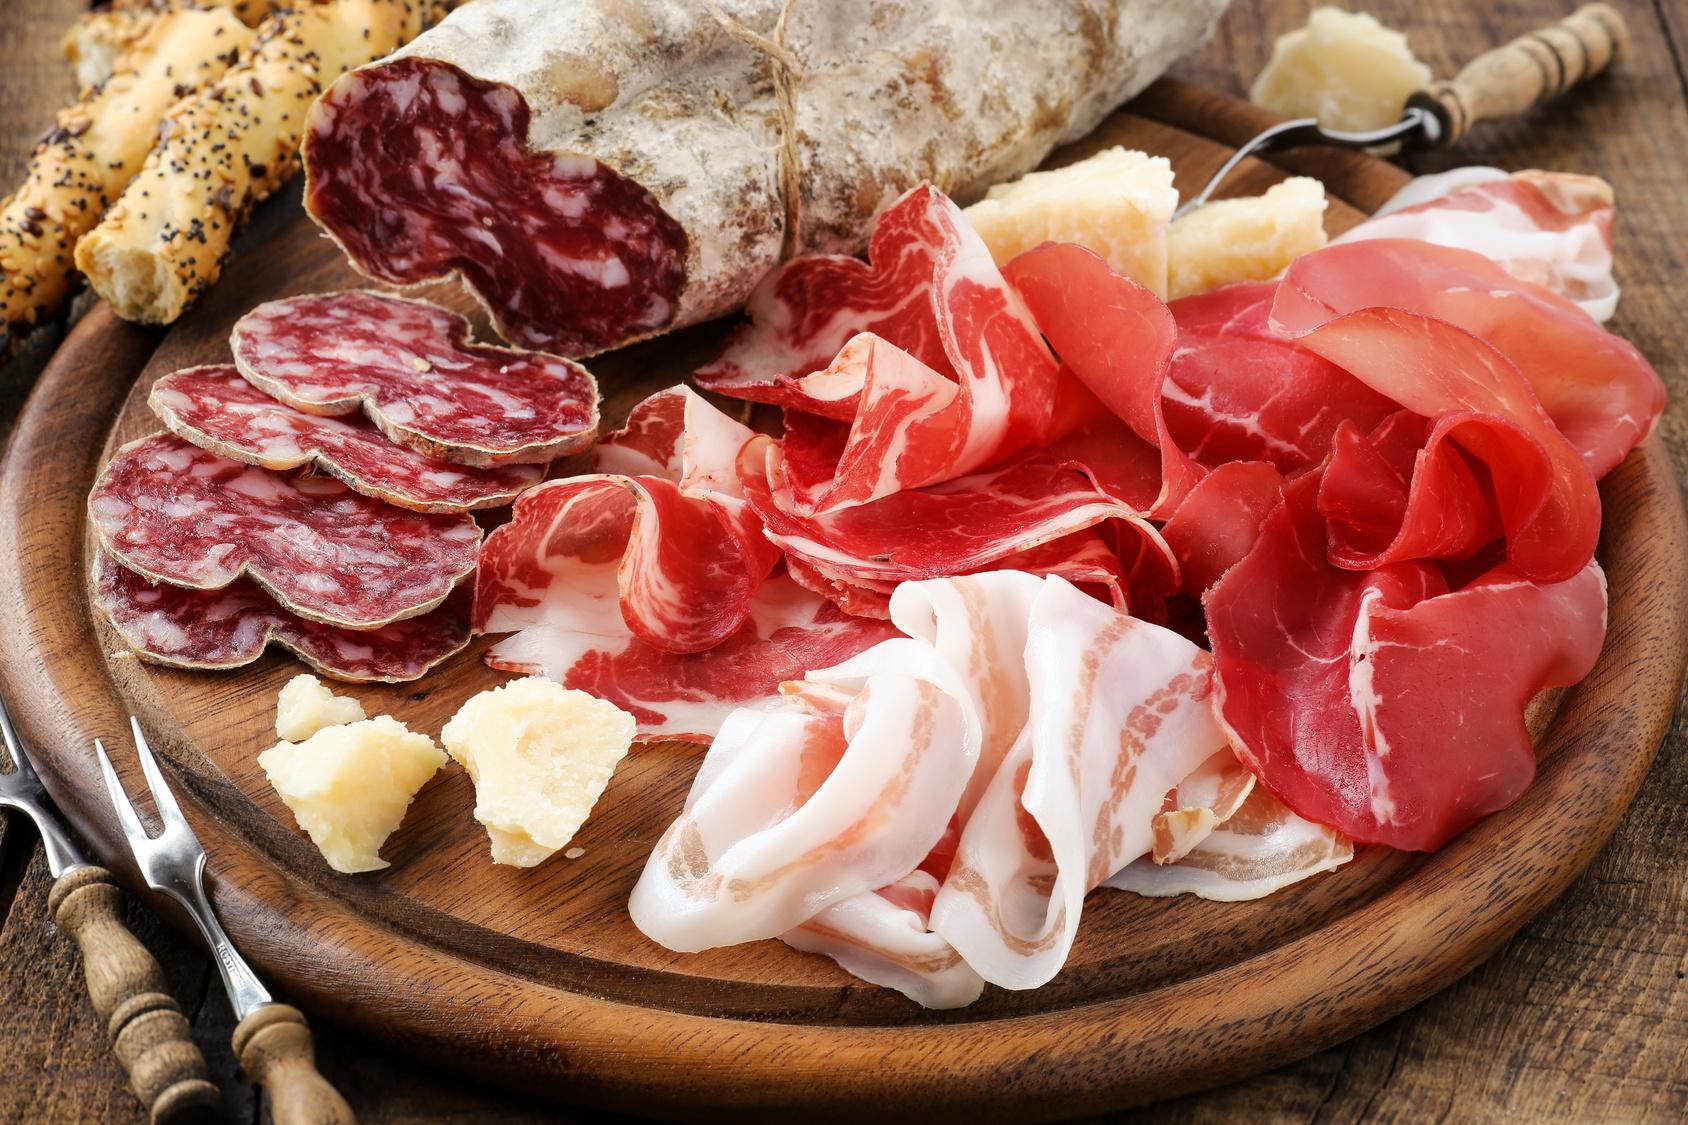 Salumi e formaggi sono i primi a salire sul banco degli imputati in caso di ipercolesterolemia: il loro consumo non è bandito in assoluto, ma è importante prediligere prodotti magri e rispettare porzioni e frequenze suggerite.